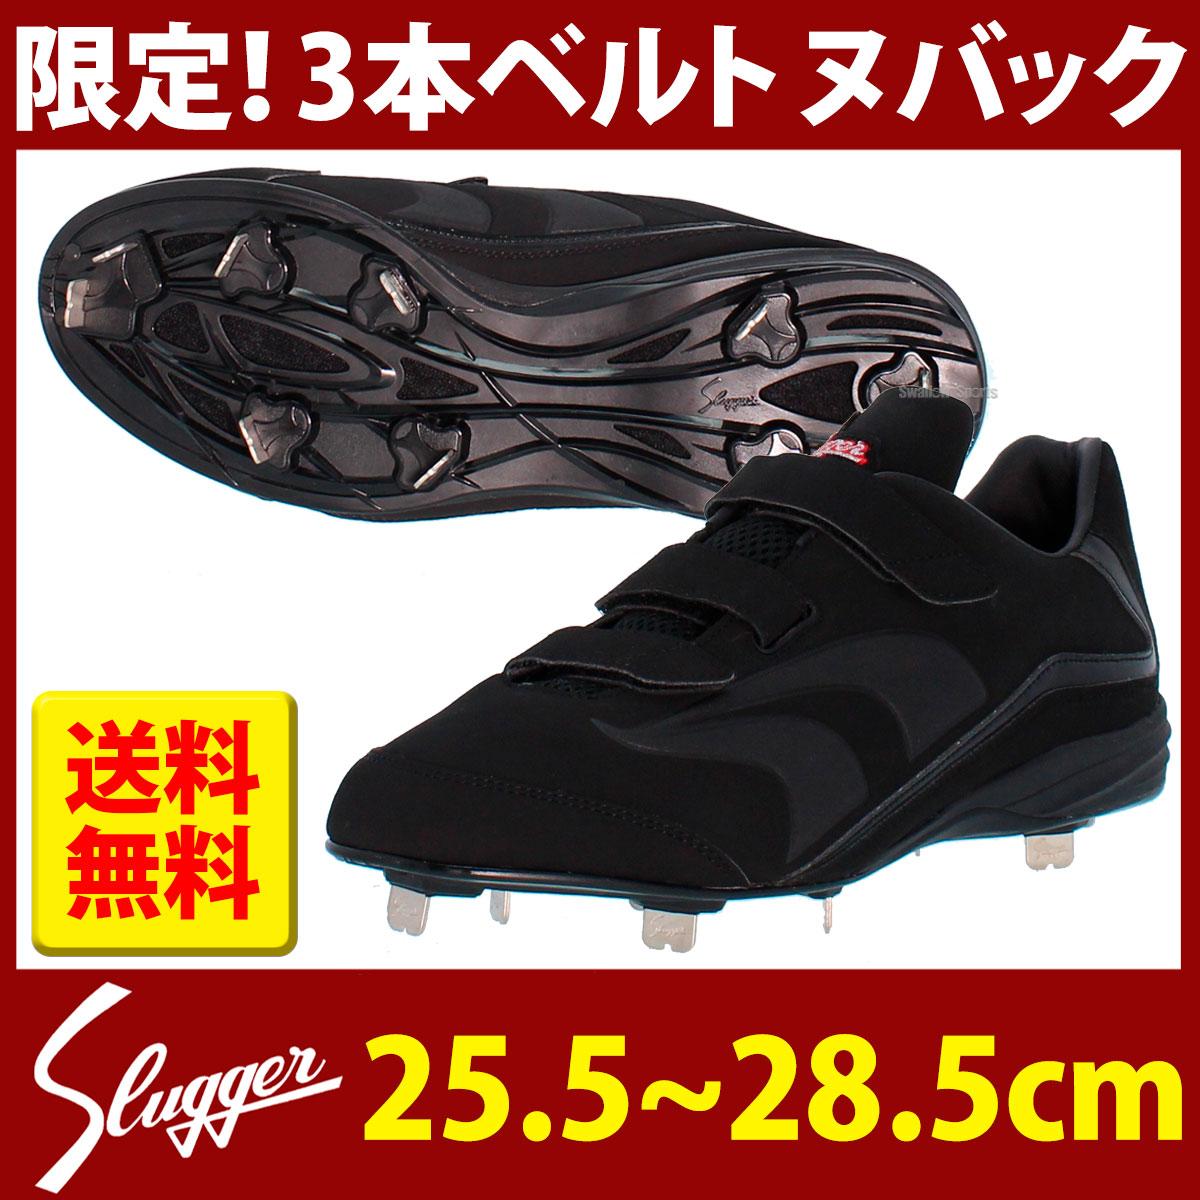 【あす楽対応】 送料無料 久保田スラッガー slugger 限定 樹脂底 スパイク マジックテープ ベルクロ 3本ベルト式 LT17-D4 靴 シューズ 野球用品 スワロースポーツ